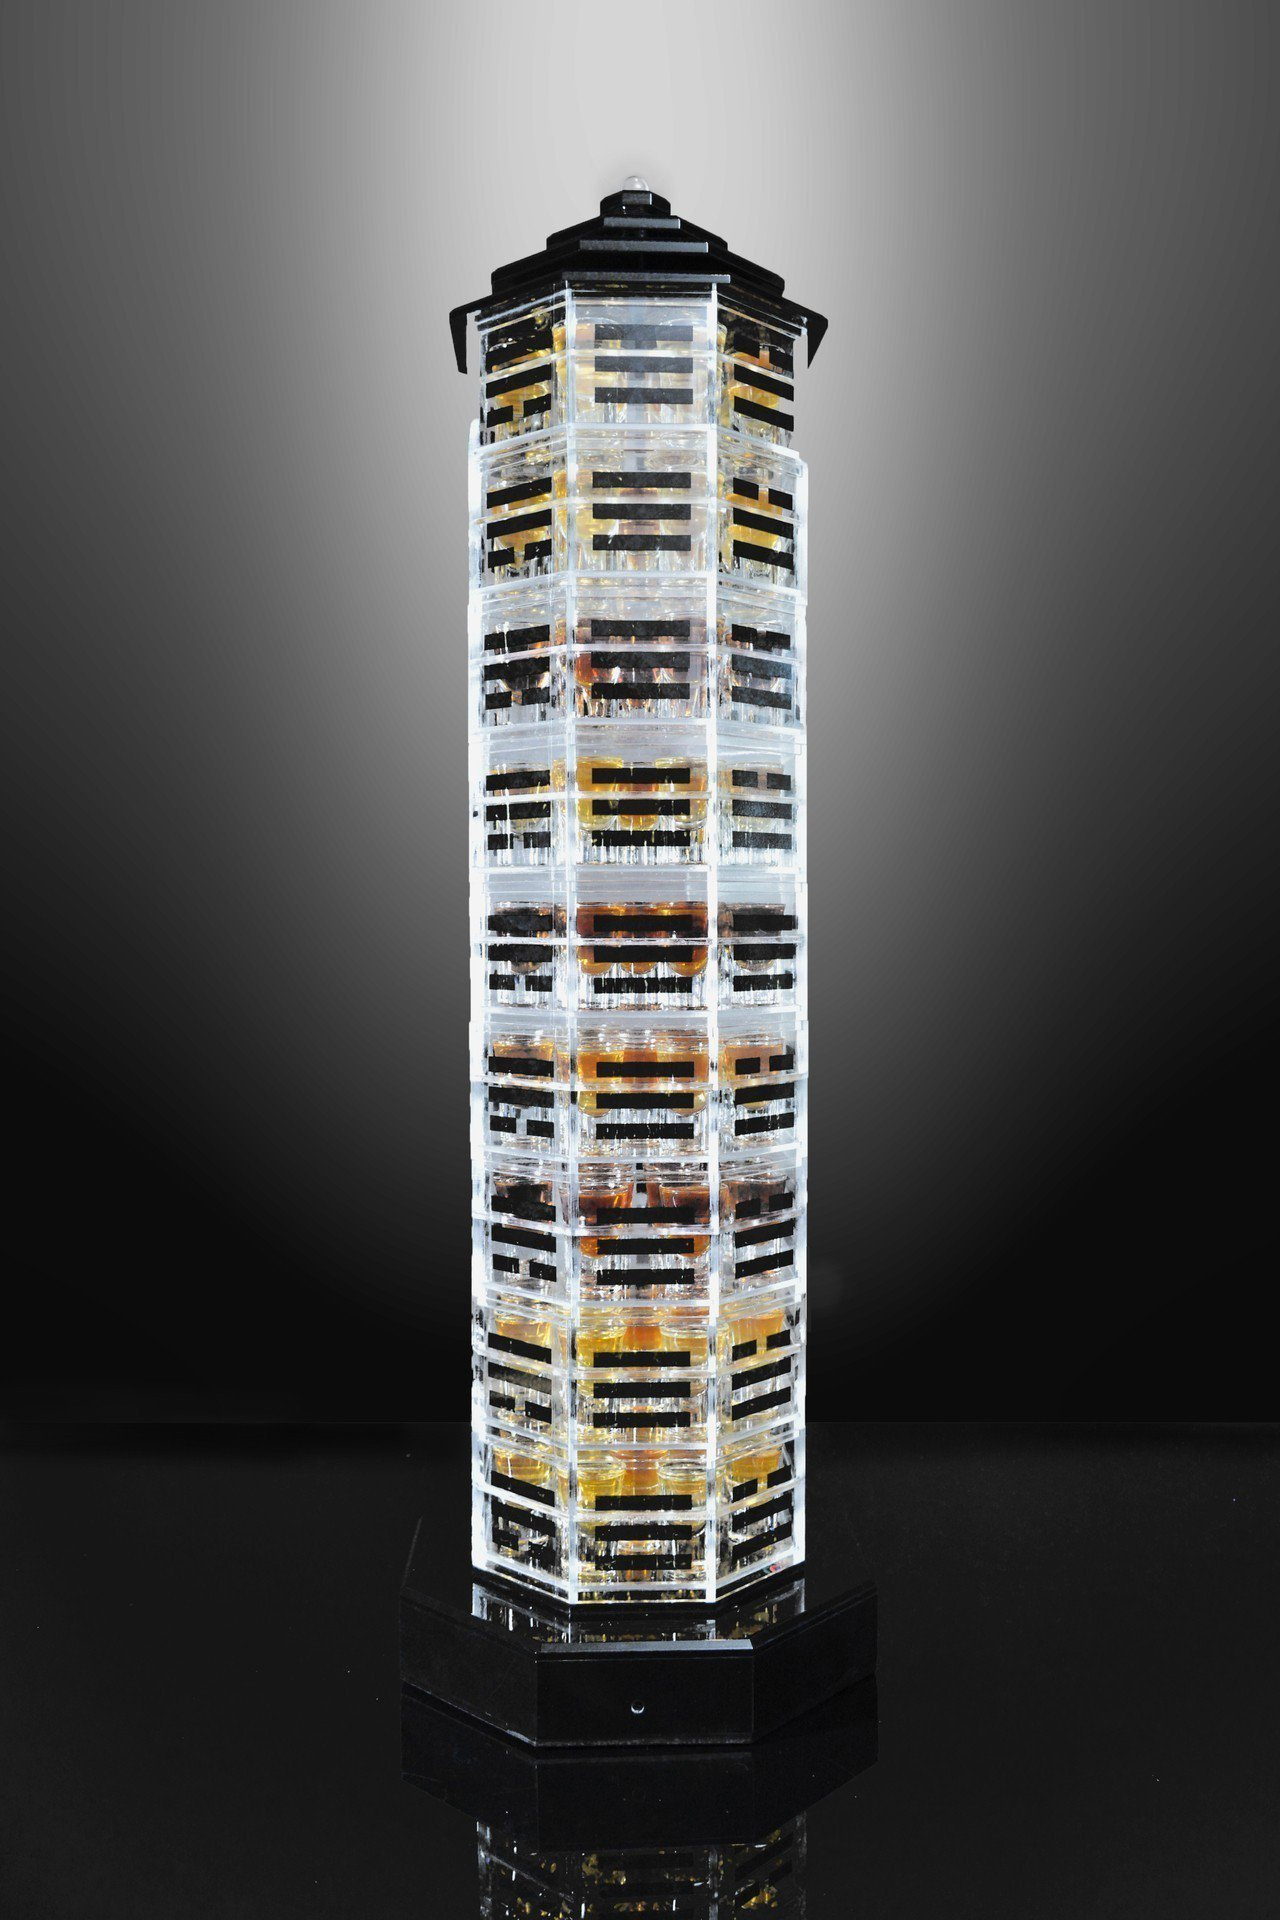 台南晶英酒店以《水滸傳》108條好漢為題材,大膽設計出前所未有的「伏魔塔108 ...